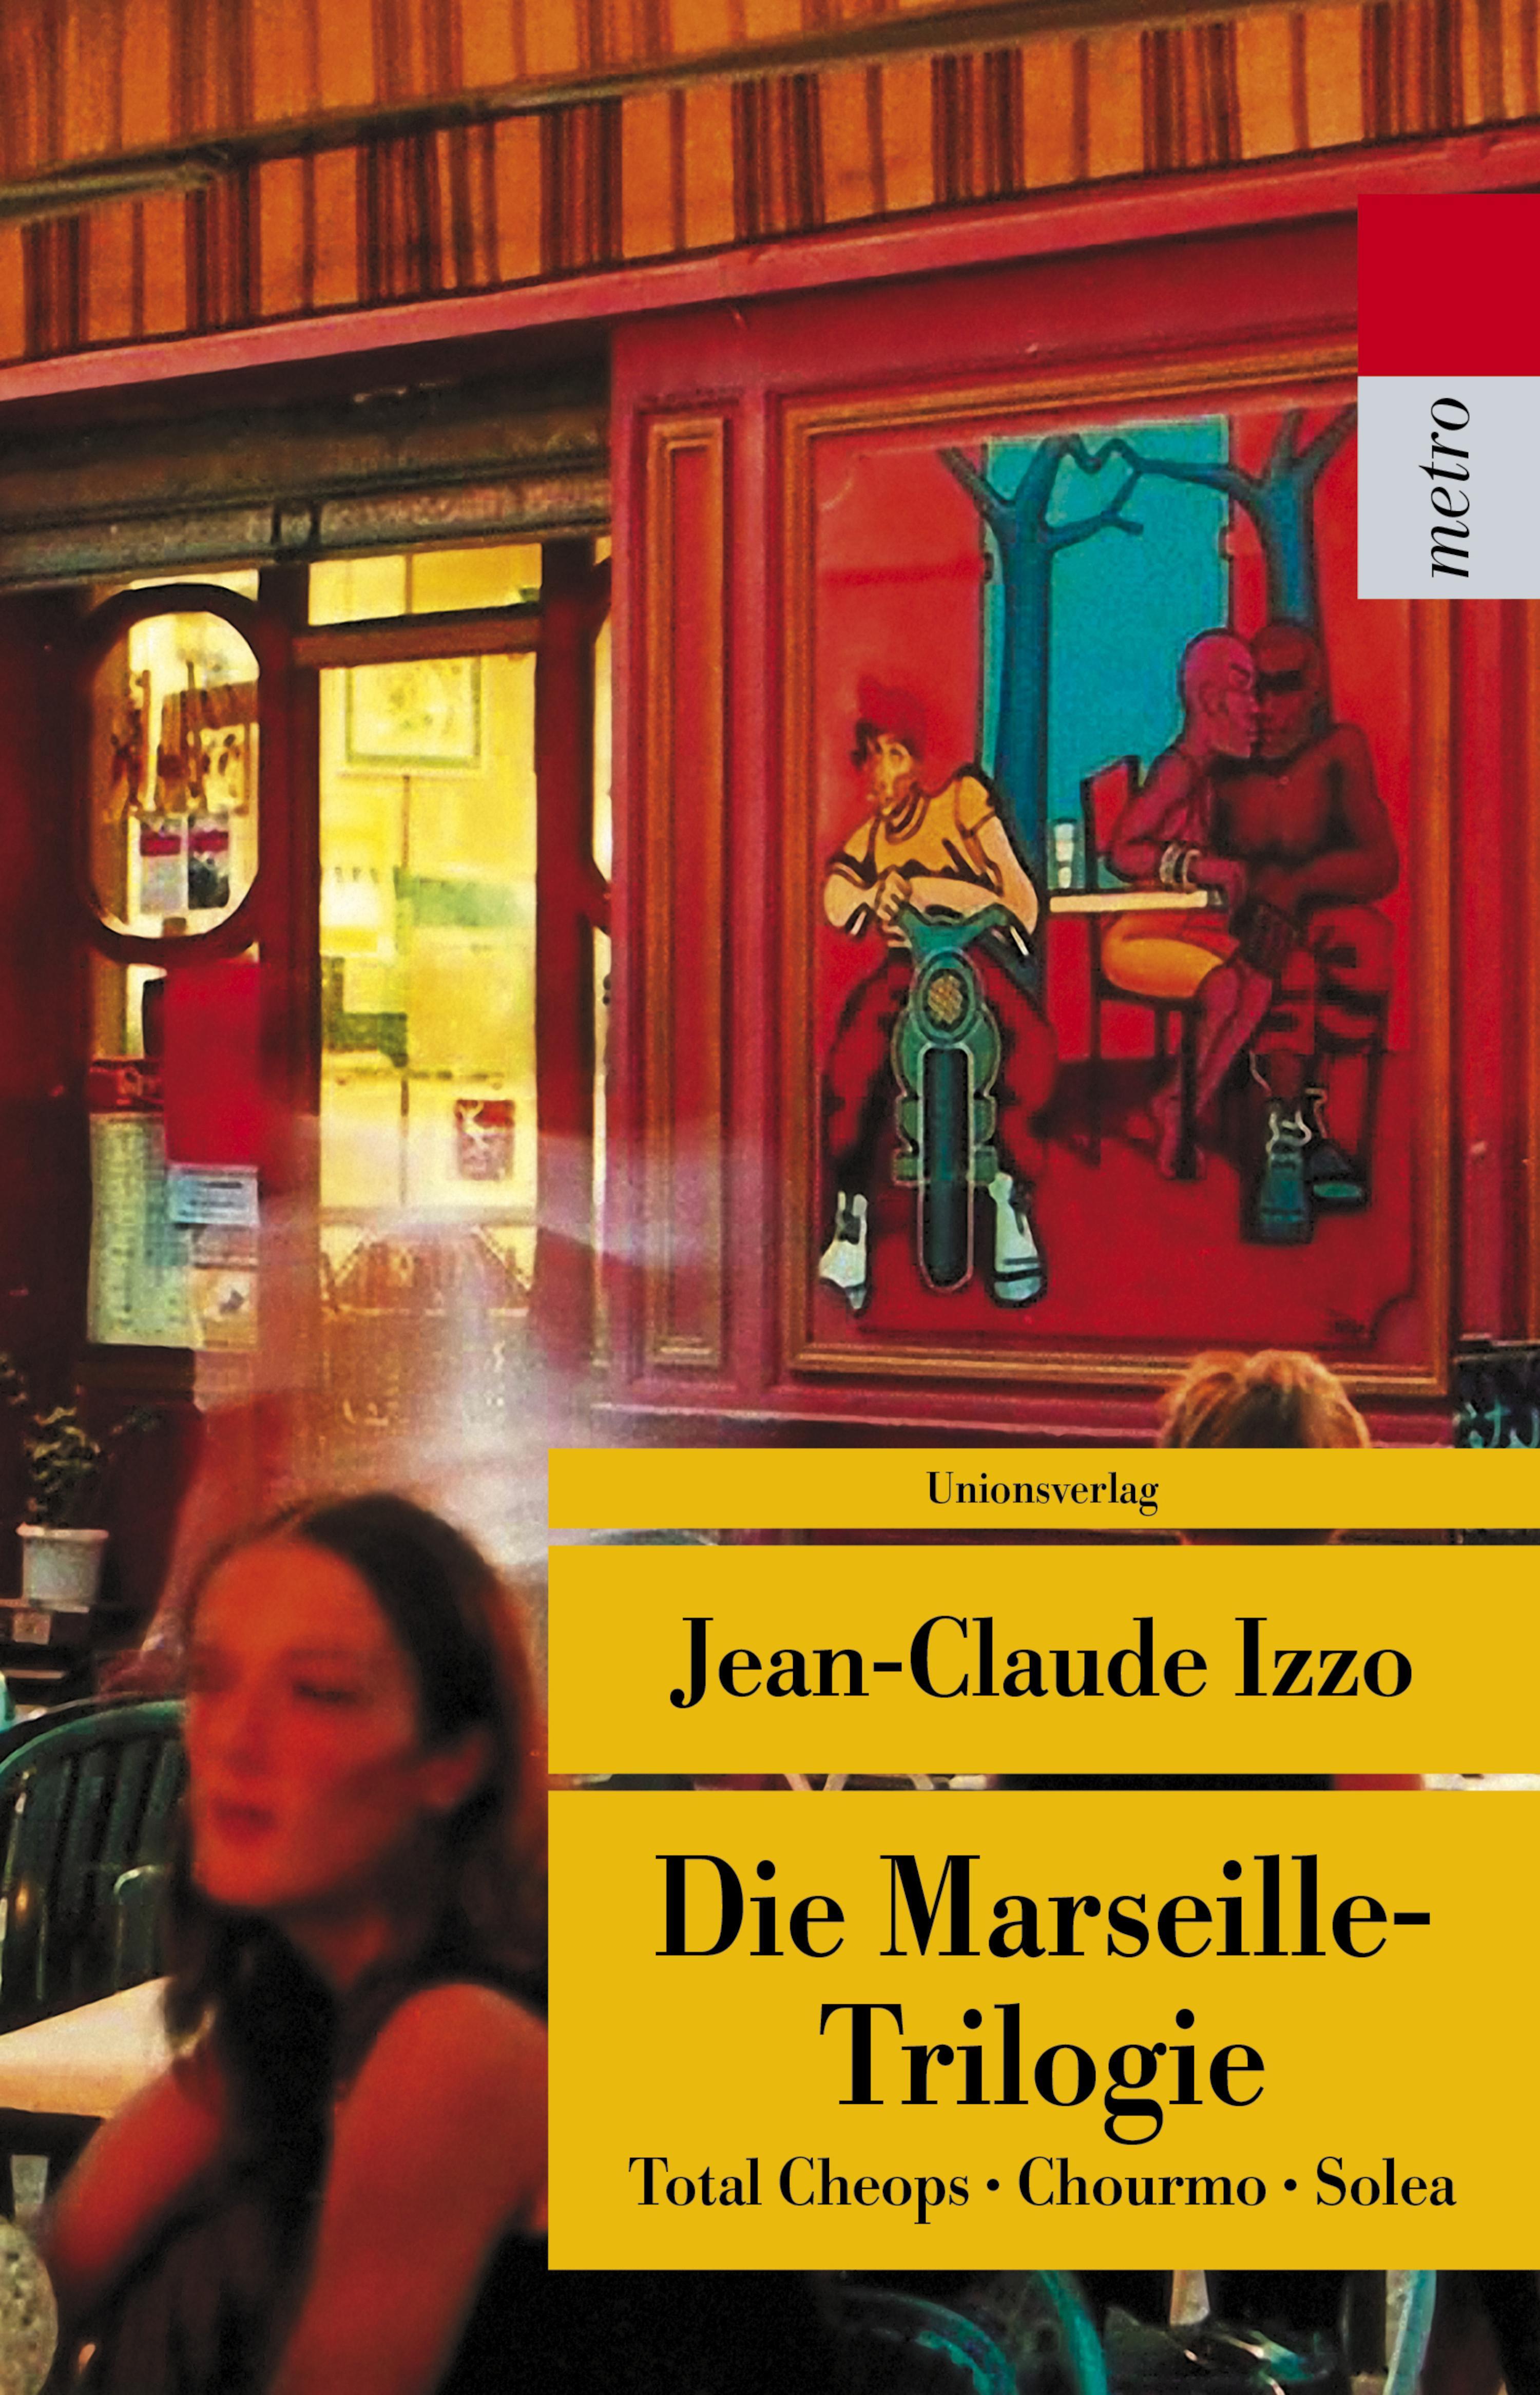 Die-Marseille-Trilogie-Total-Cheops-Chourmo-Solea-Jean-Claude-Izzo-Taschenbuch